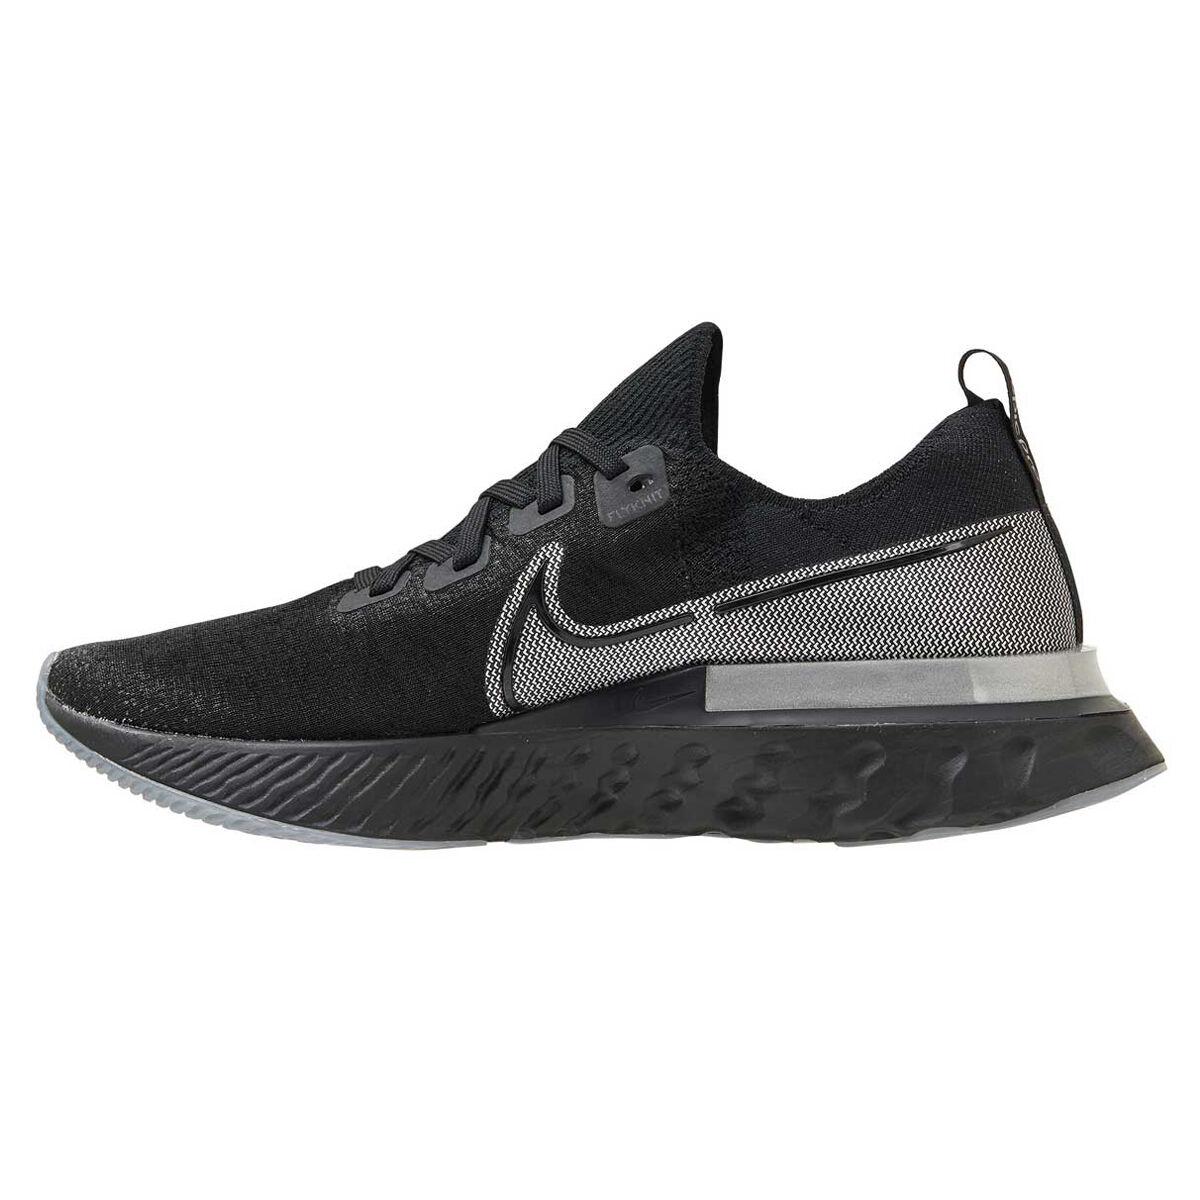 Shoe Review: Nike React Infinity Run YouTube